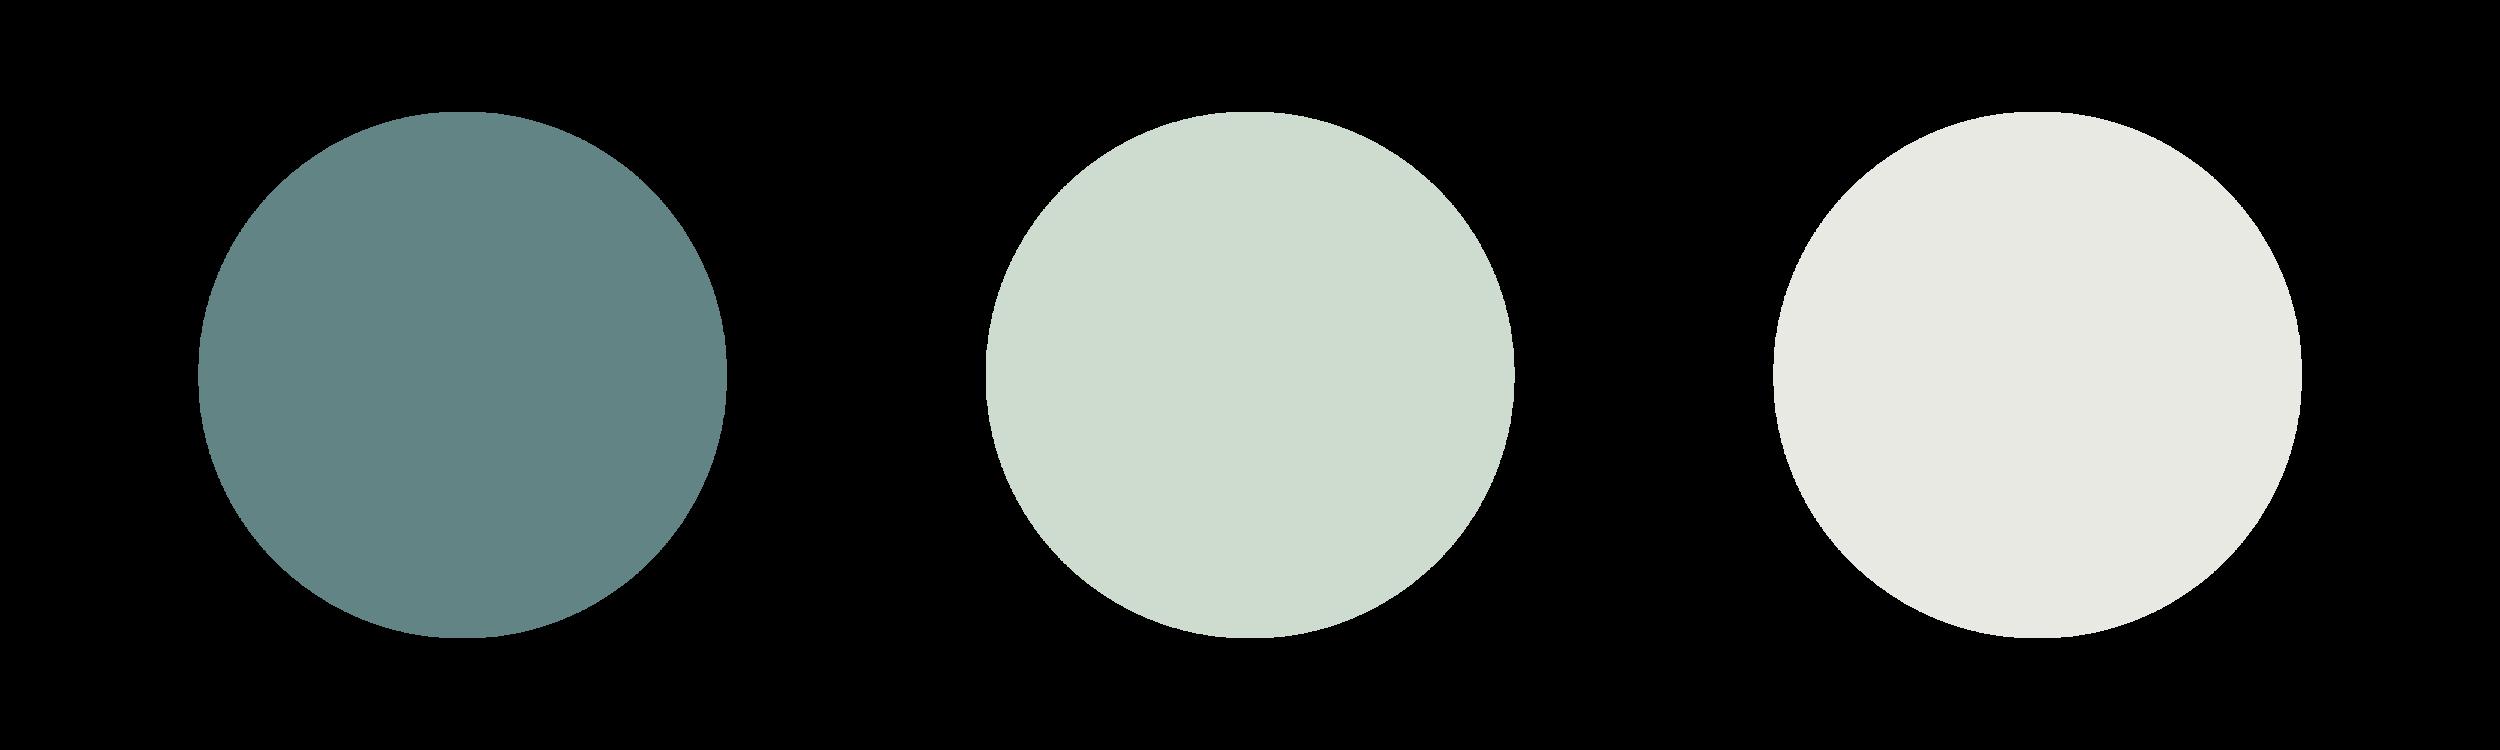 wsc-color-scheme-1.png